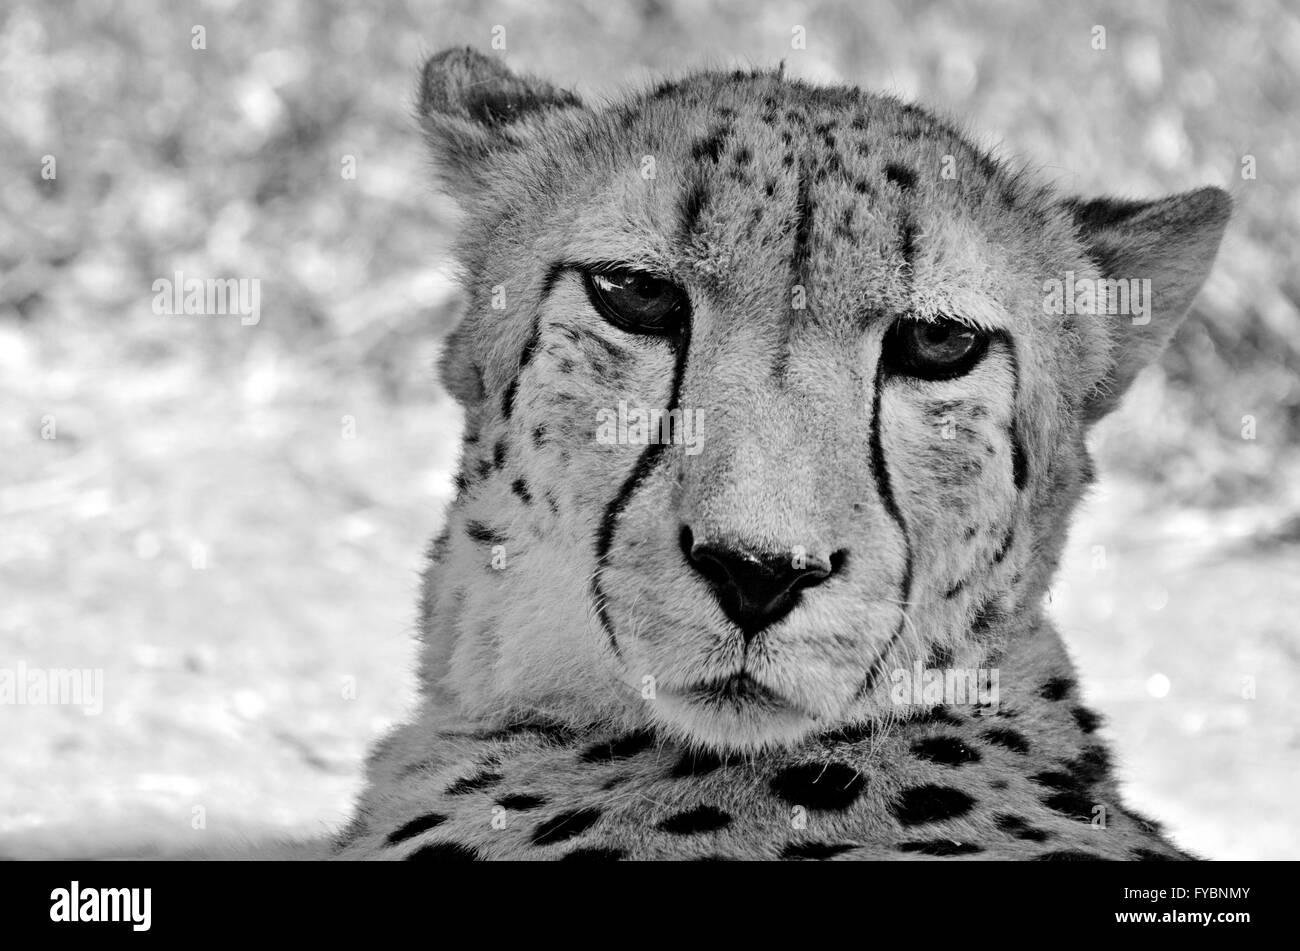 South African cheetah faccia un contatto ravvicinato e personale Immagini Stock